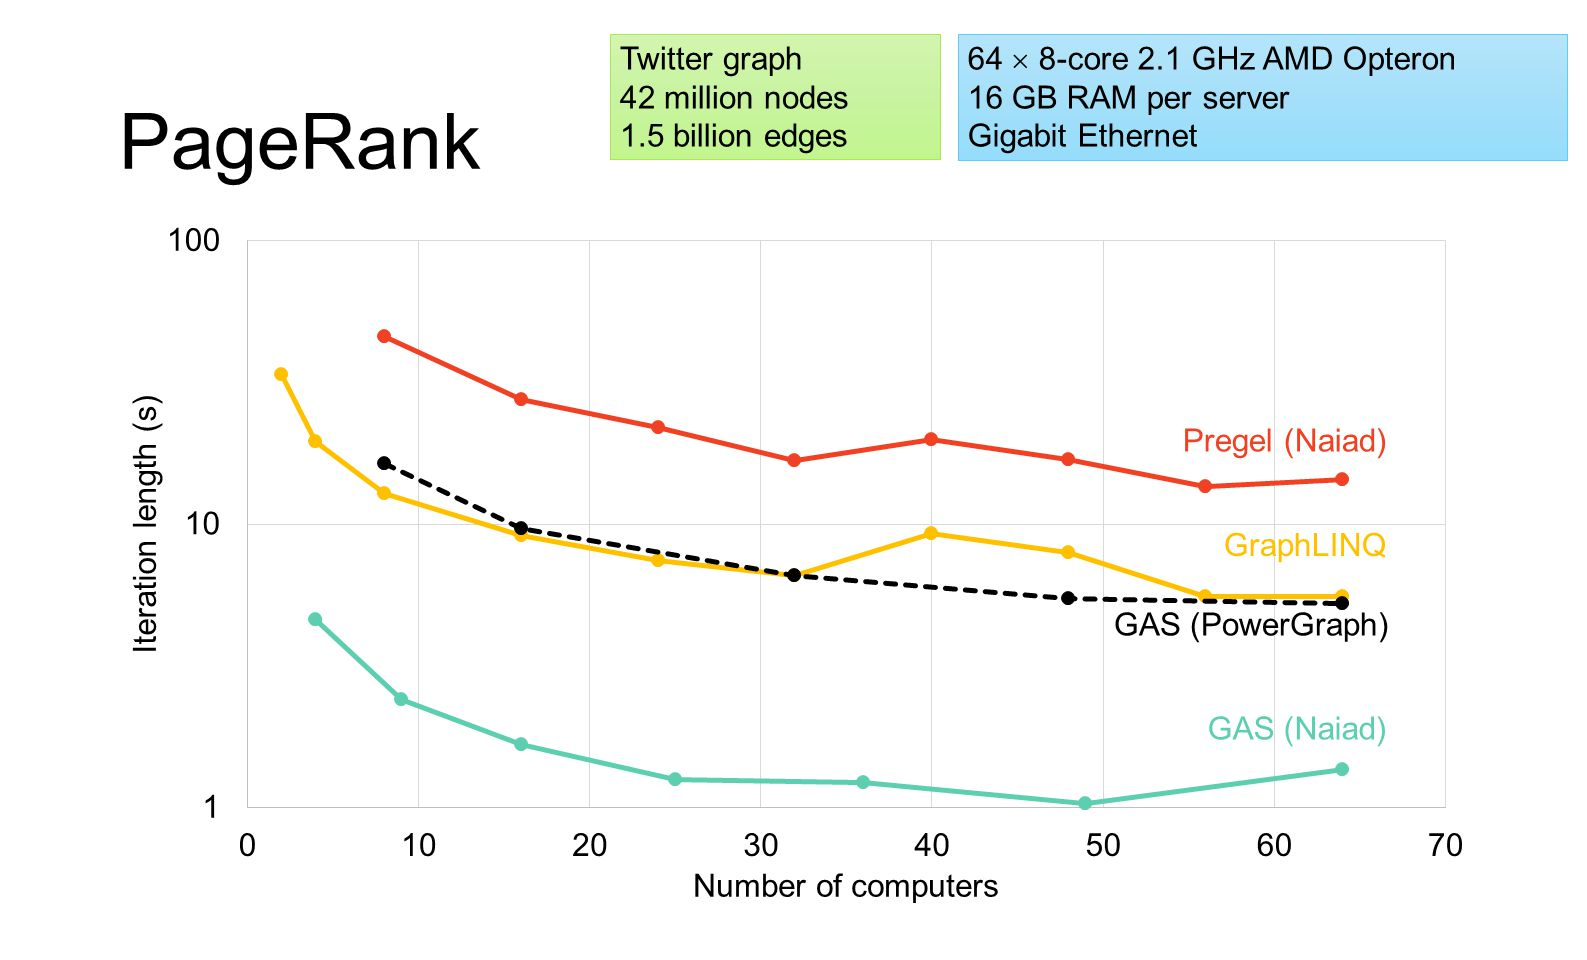 PageRank Twitter graph 42 million nodes 1.5 billion edges